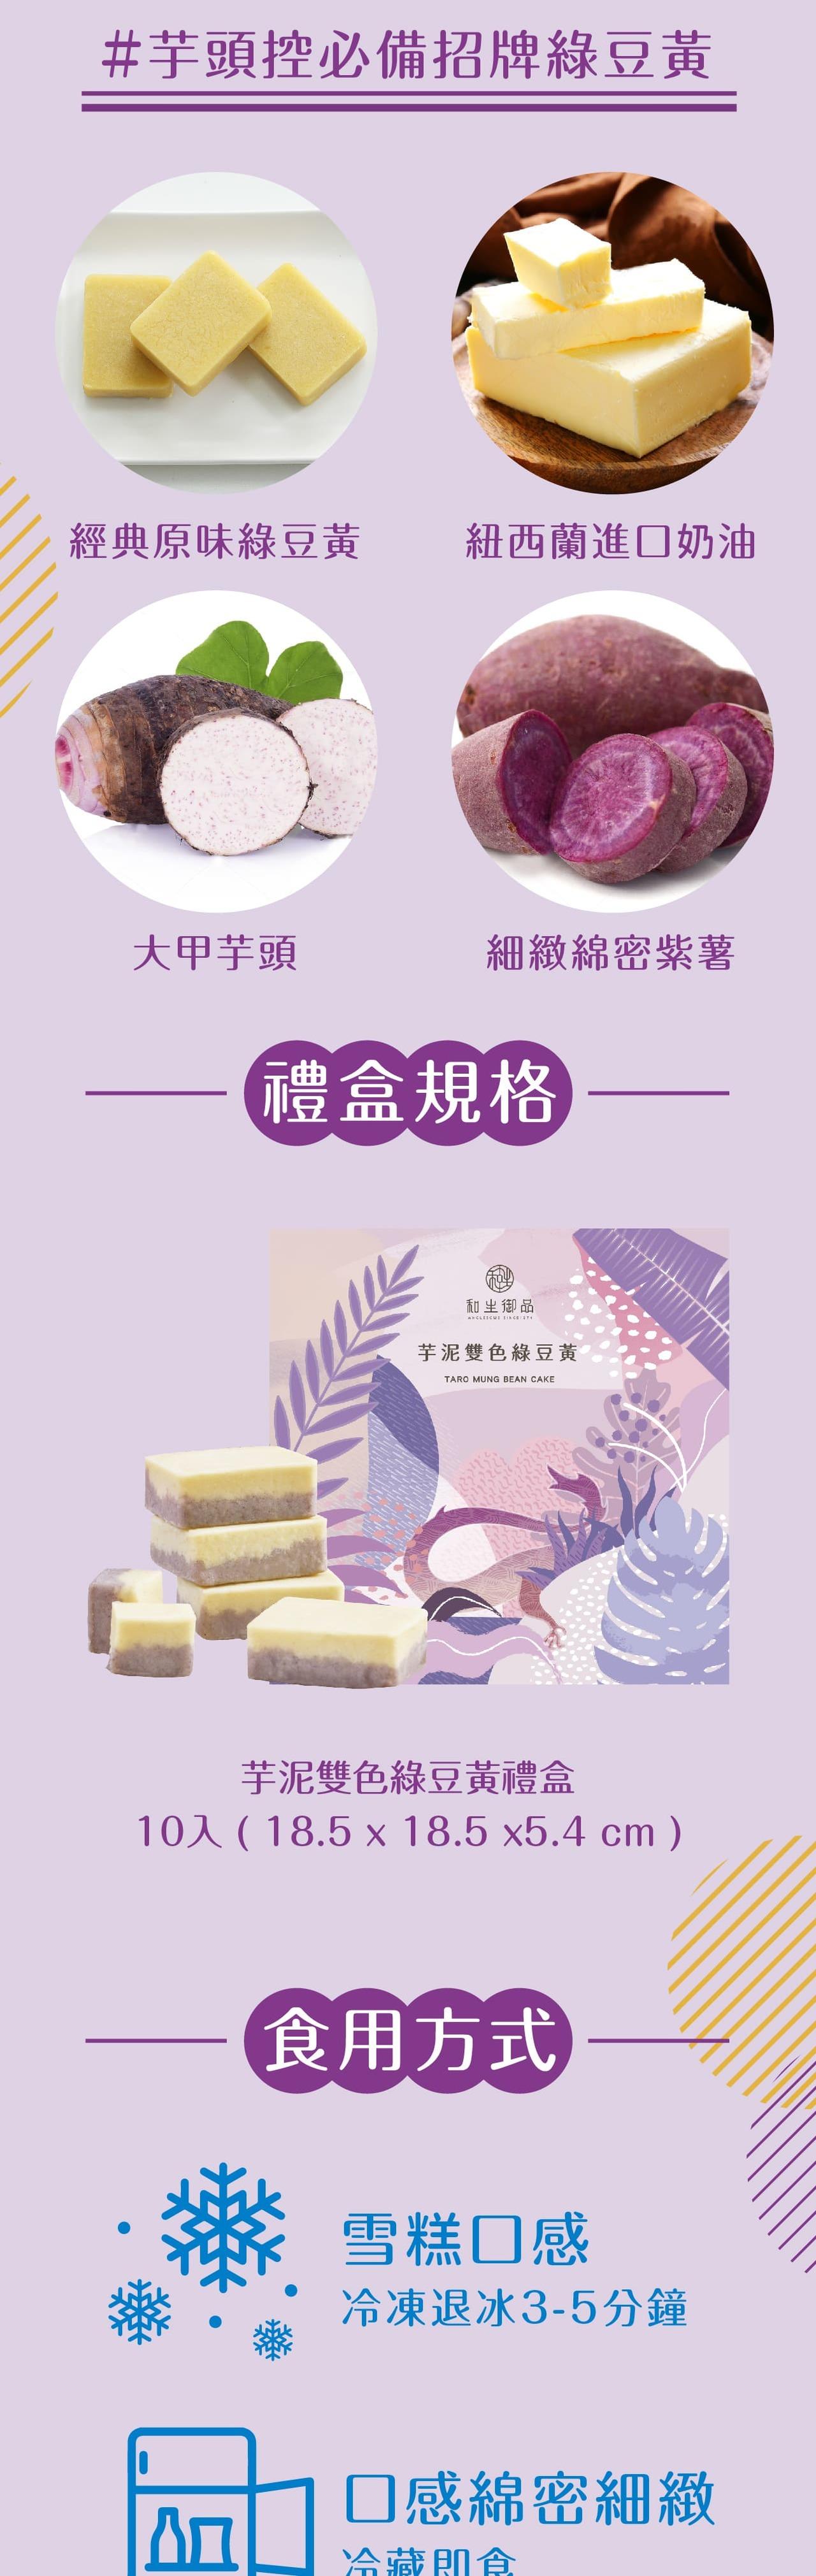 和生御品 芋泥雙色綠豆黃禮盒(10入)中秋禮盒